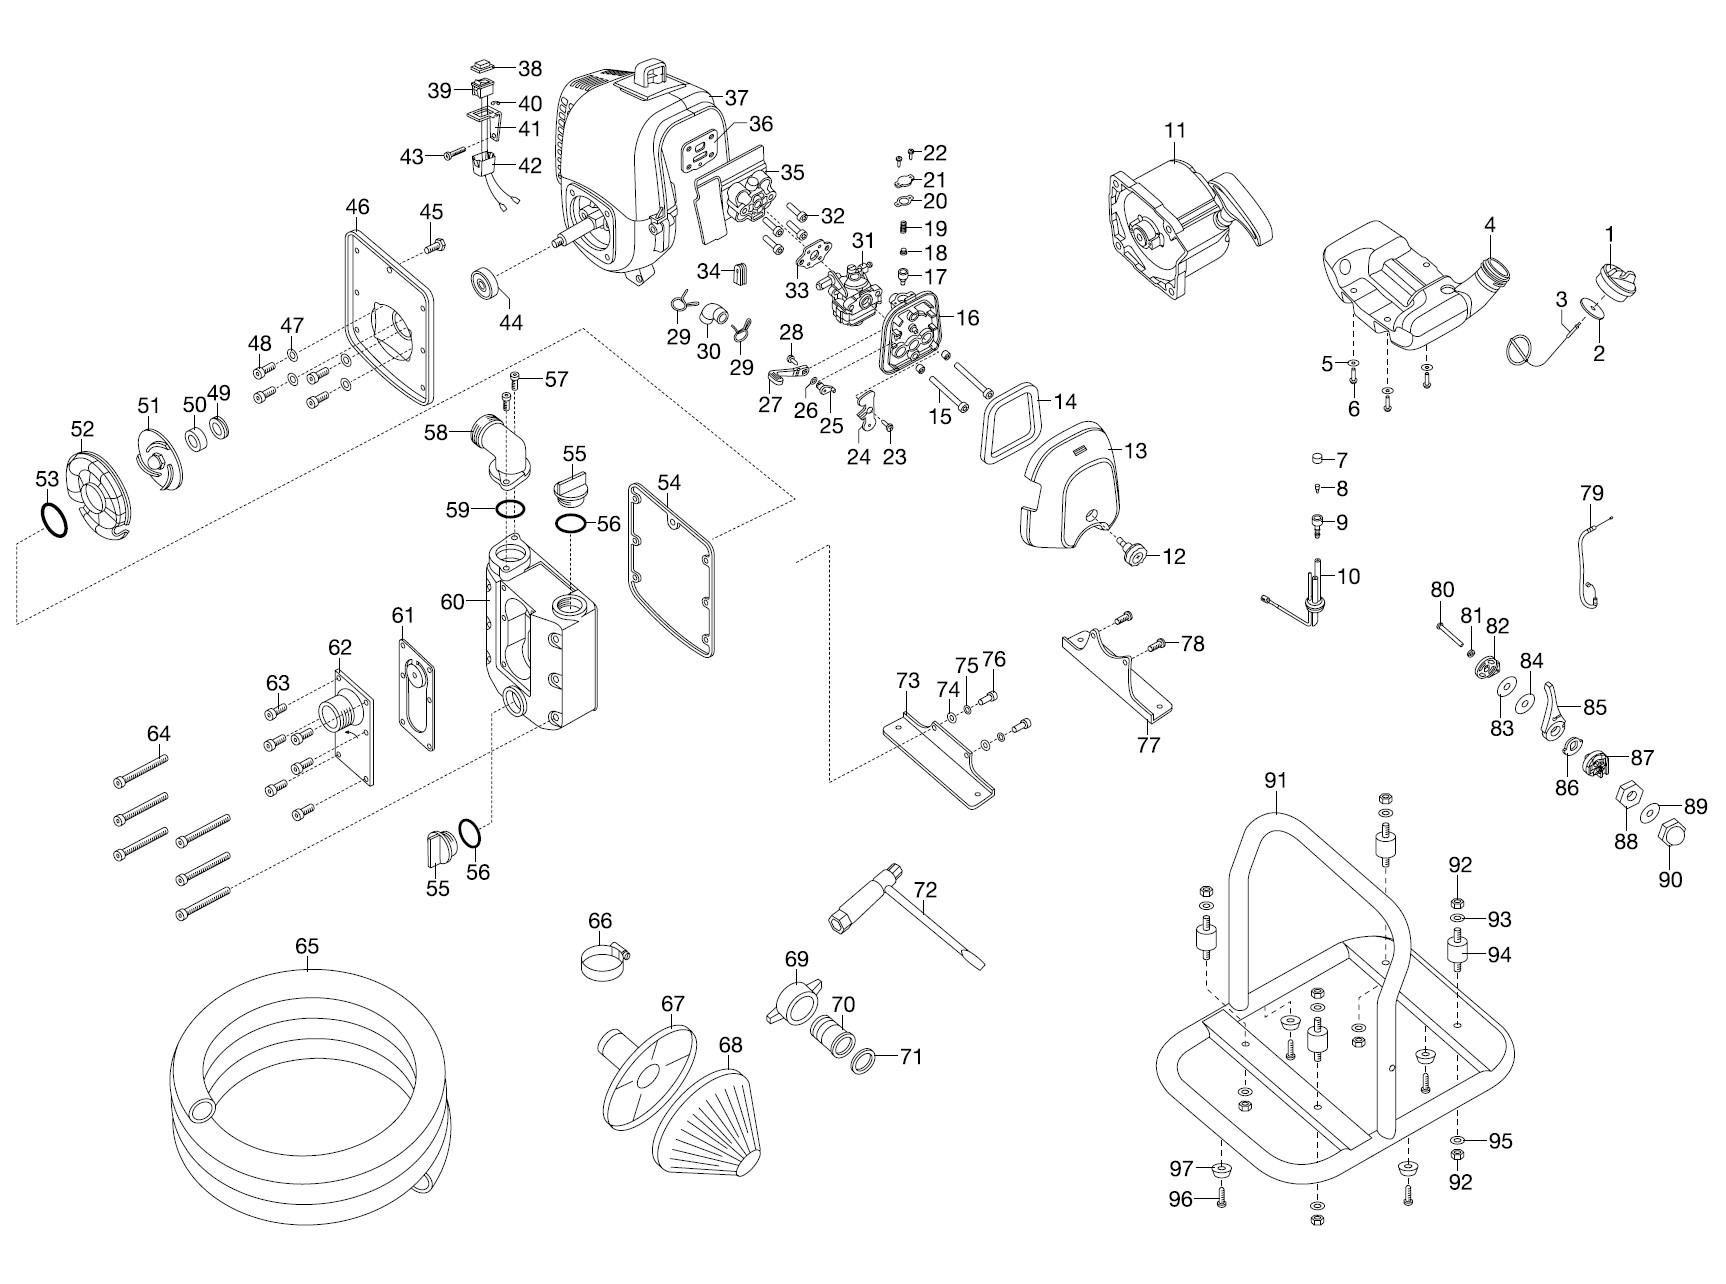 gardena ersatzteile seite 18 preisvergleich. Black Bedroom Furniture Sets. Home Design Ideas